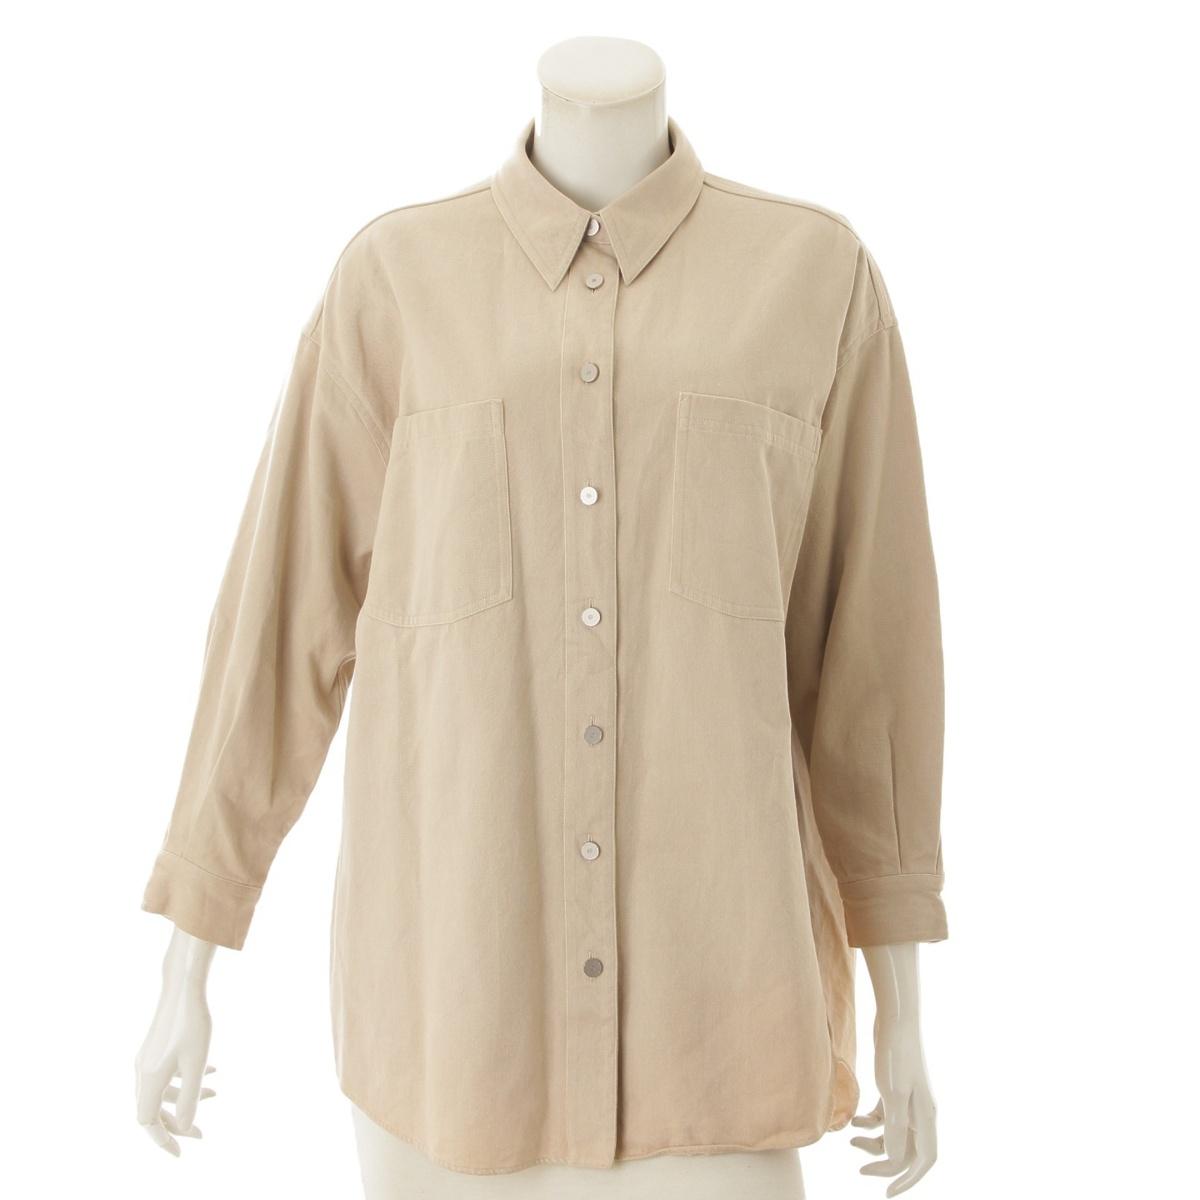 【シャネル】Chanel コットン シャツ ジャケット P12336 ベージュ 36 【中古】【鑑定済・正規品保証】73171